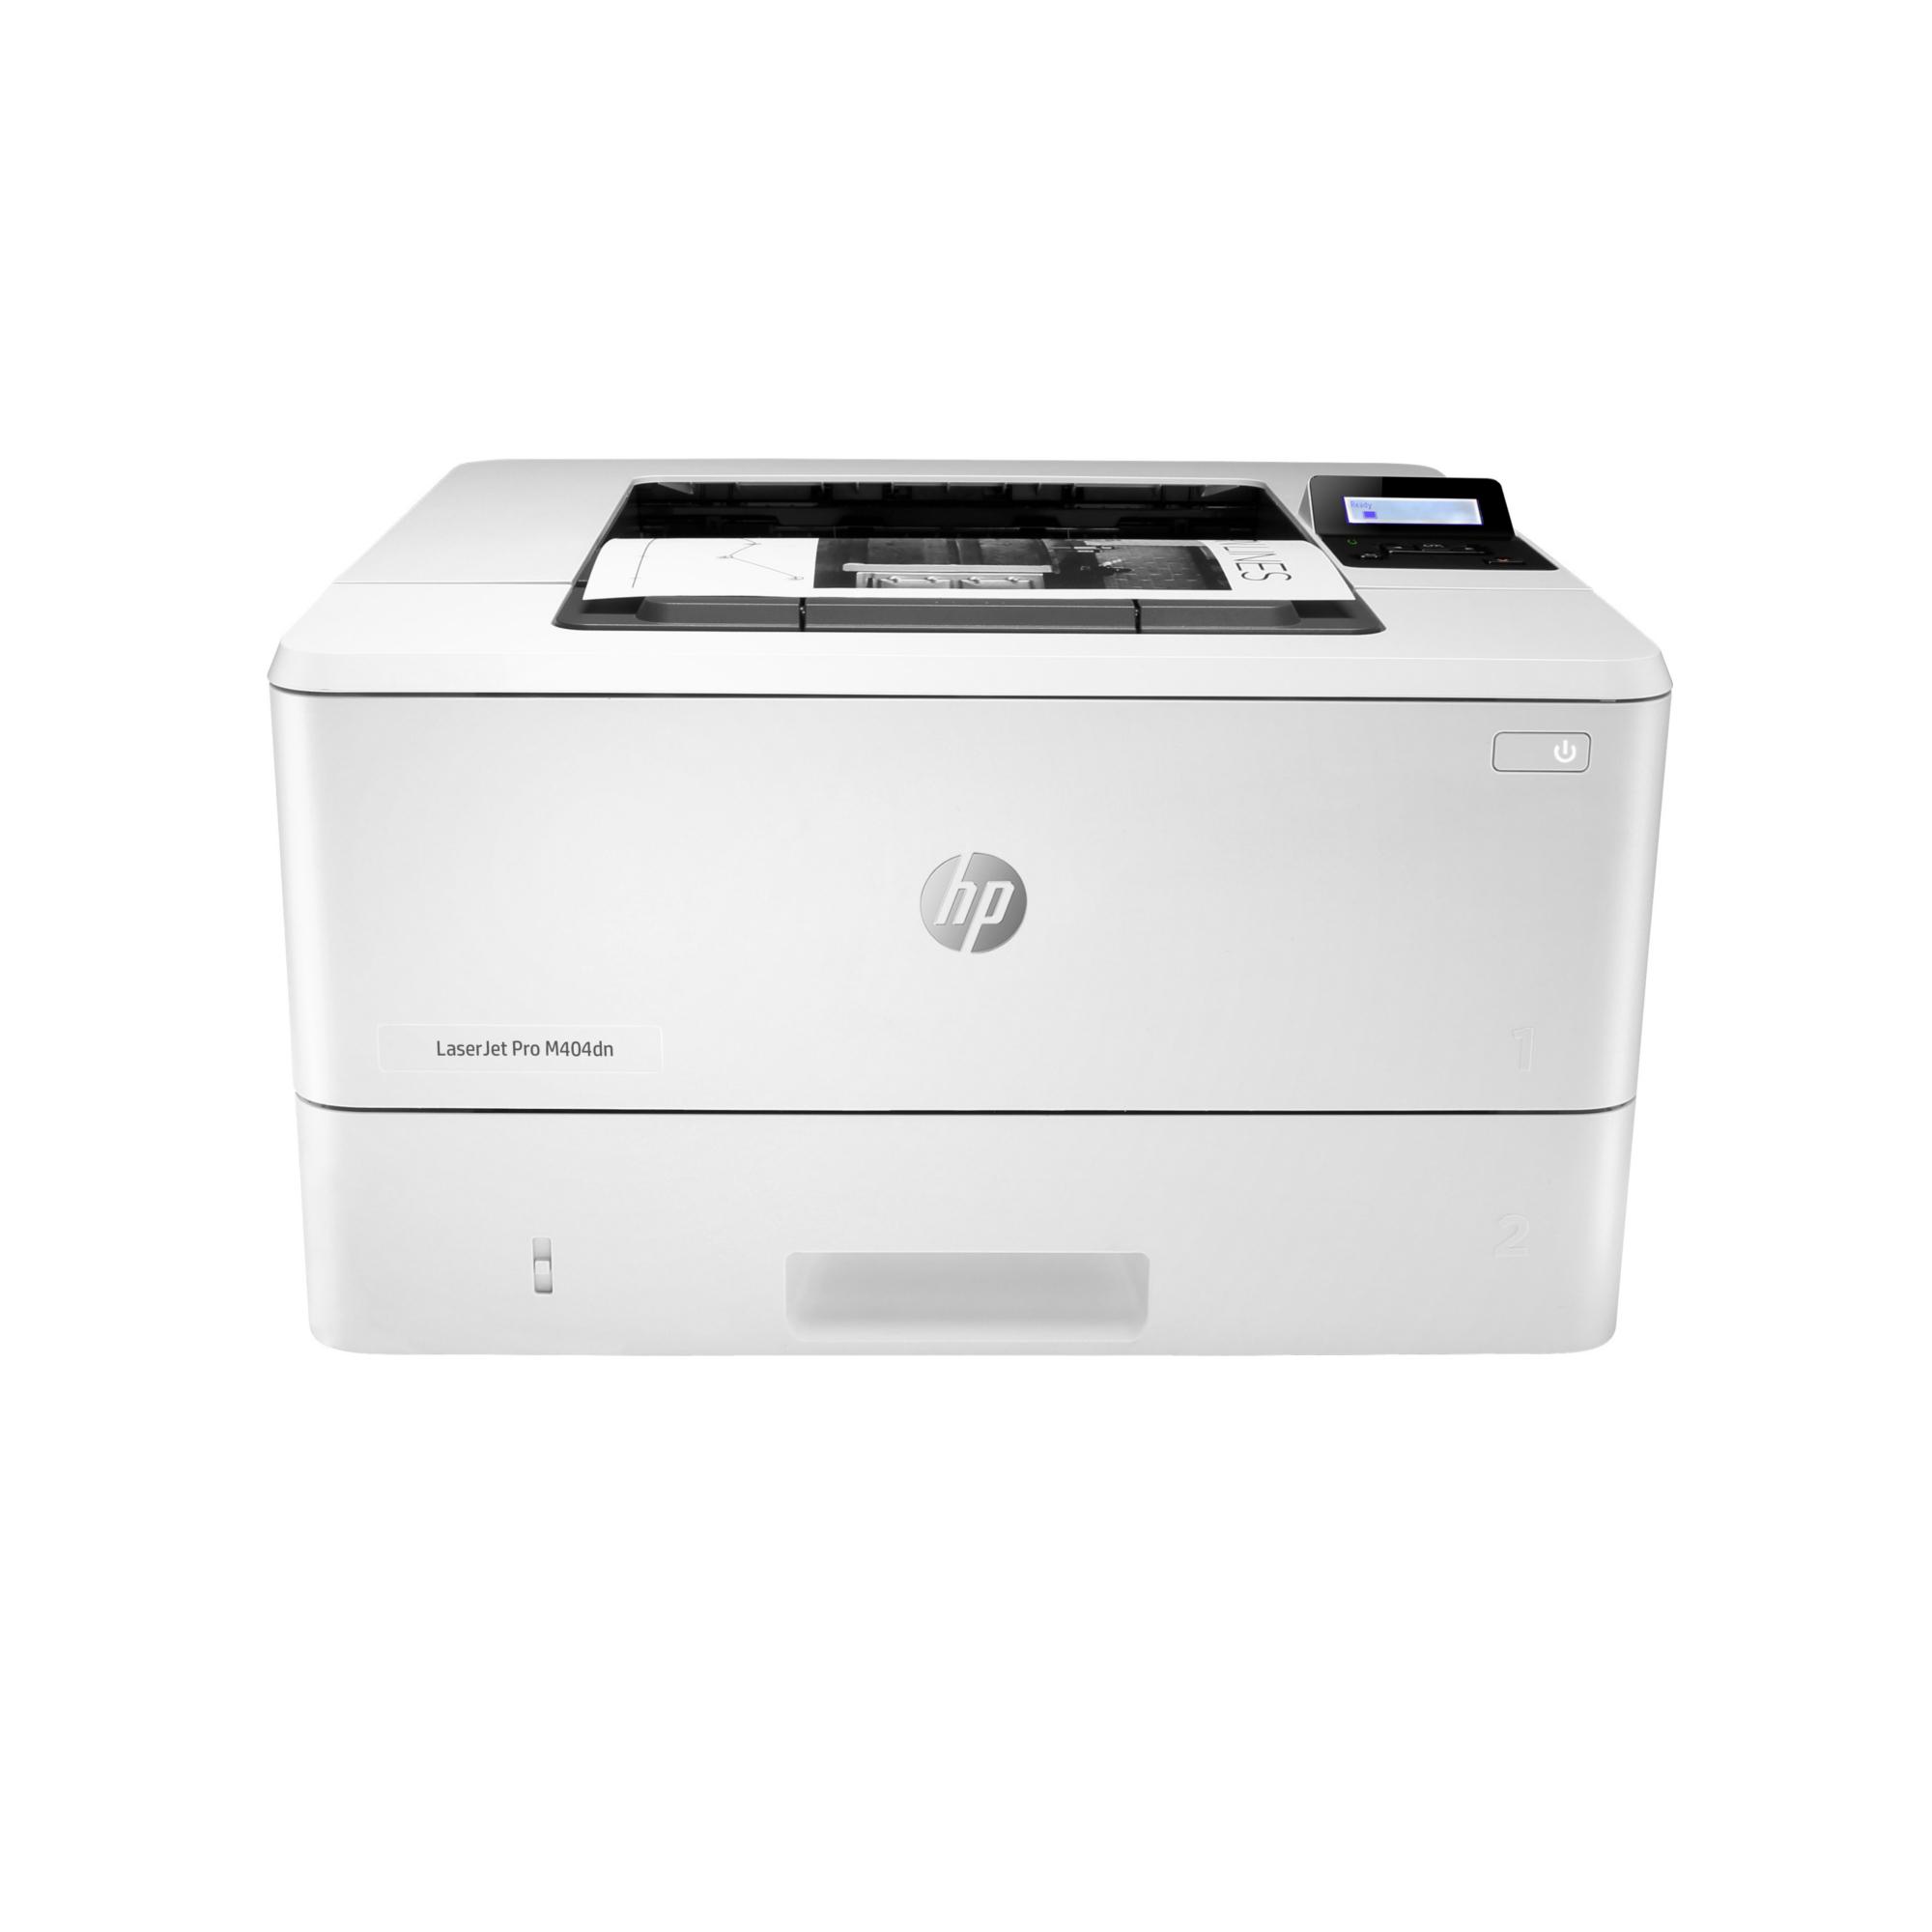 Noleggio Stampante HP LaserJet Pro M404dn - Lyreco print services